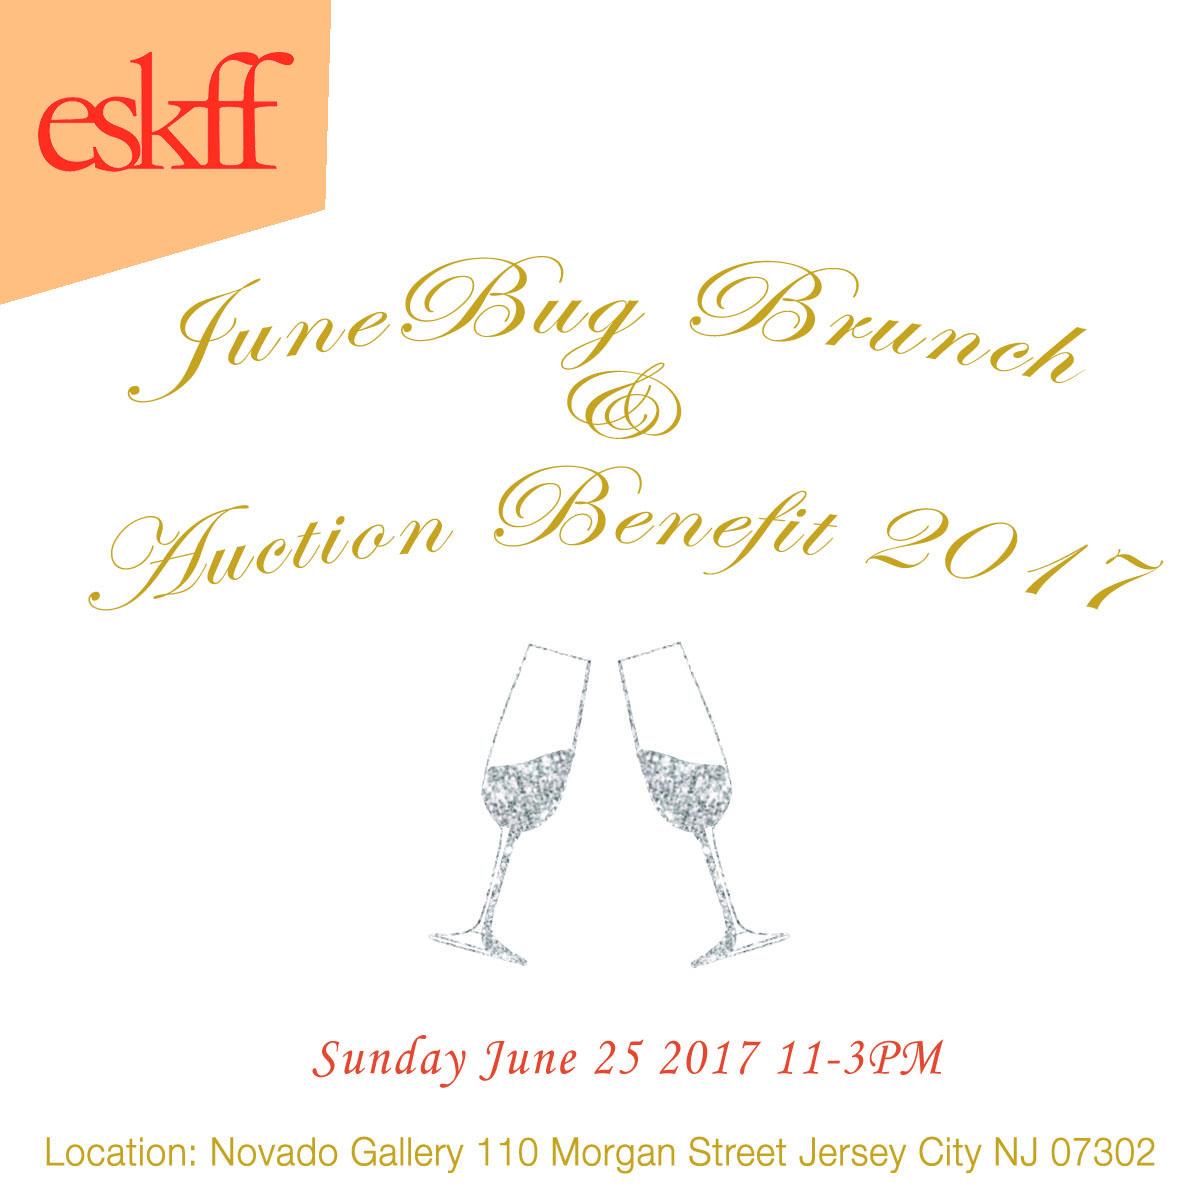 ESKFF JuneBug Brunch & Auction Benefit 2017